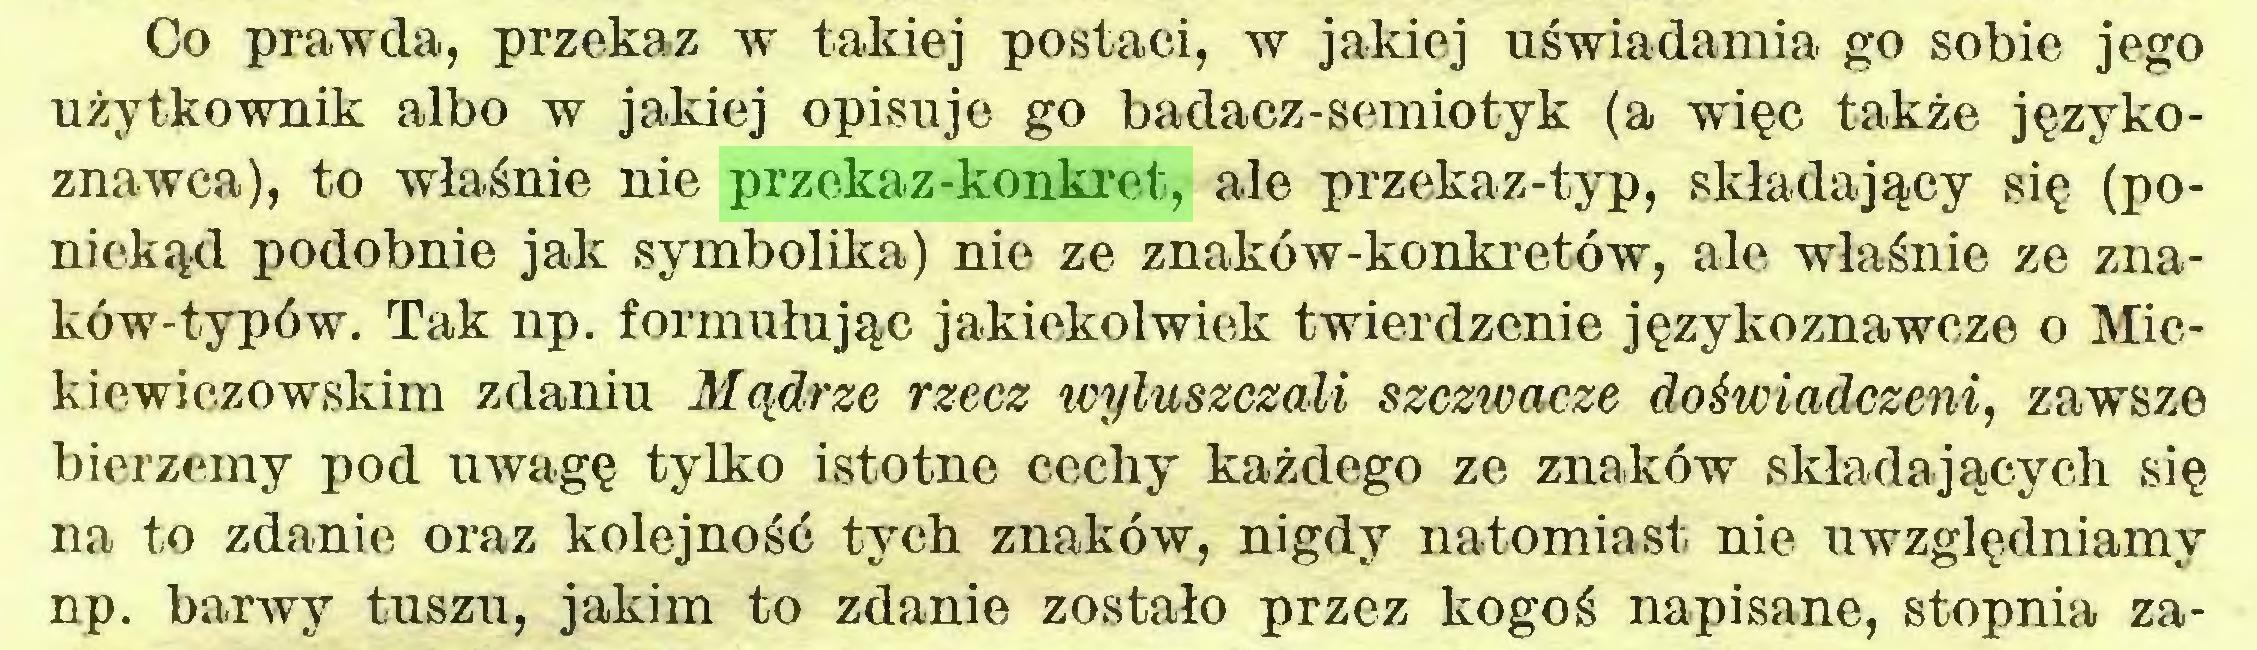 (...) Co prawda, przekaz w takiej postaci, w jakiej uświadamia go sobie jego użytkownik albo w jakiej opisuje go badacz-semiotyk (a więc także językoznawca), to właśnie nie przekaz-konkret, ale przekaz-typ, składający się (poniekąd podobnie jak symbolika) nie ze znaków-konkretów, ale właśnie ze znaków-typów. Tak np. formułując jakiekolwiek twierdzenie językoznawcze o Mickiewiczowskim zdaniu Mądrze rzecz wyluszczali szczioacze doświadczeni, zawsze bierzemy pod uwagę tylko istotne cechy każdego ze znaków składających się na to zdanie oraz kolejność tych znaków, nigdy natomiast nie uwzględniamy np. barwy tuszu, jakim to zdanie zostało przez kogoś napisane, stopnia za...